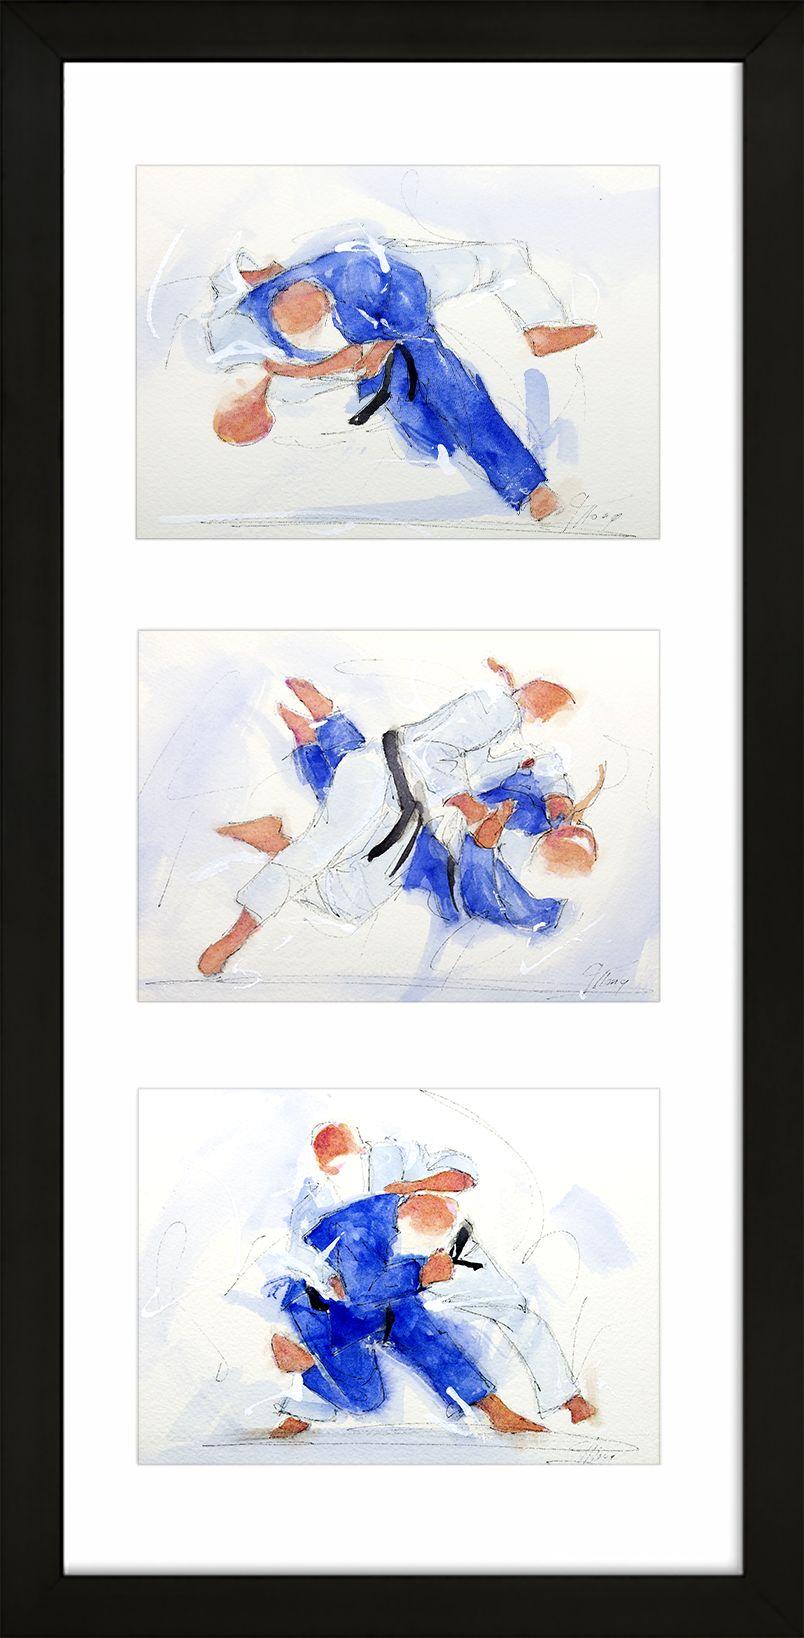 art peinture aquarelle sport de combat judo : triptyque d'un combat entre 2 judokas ceinture noire